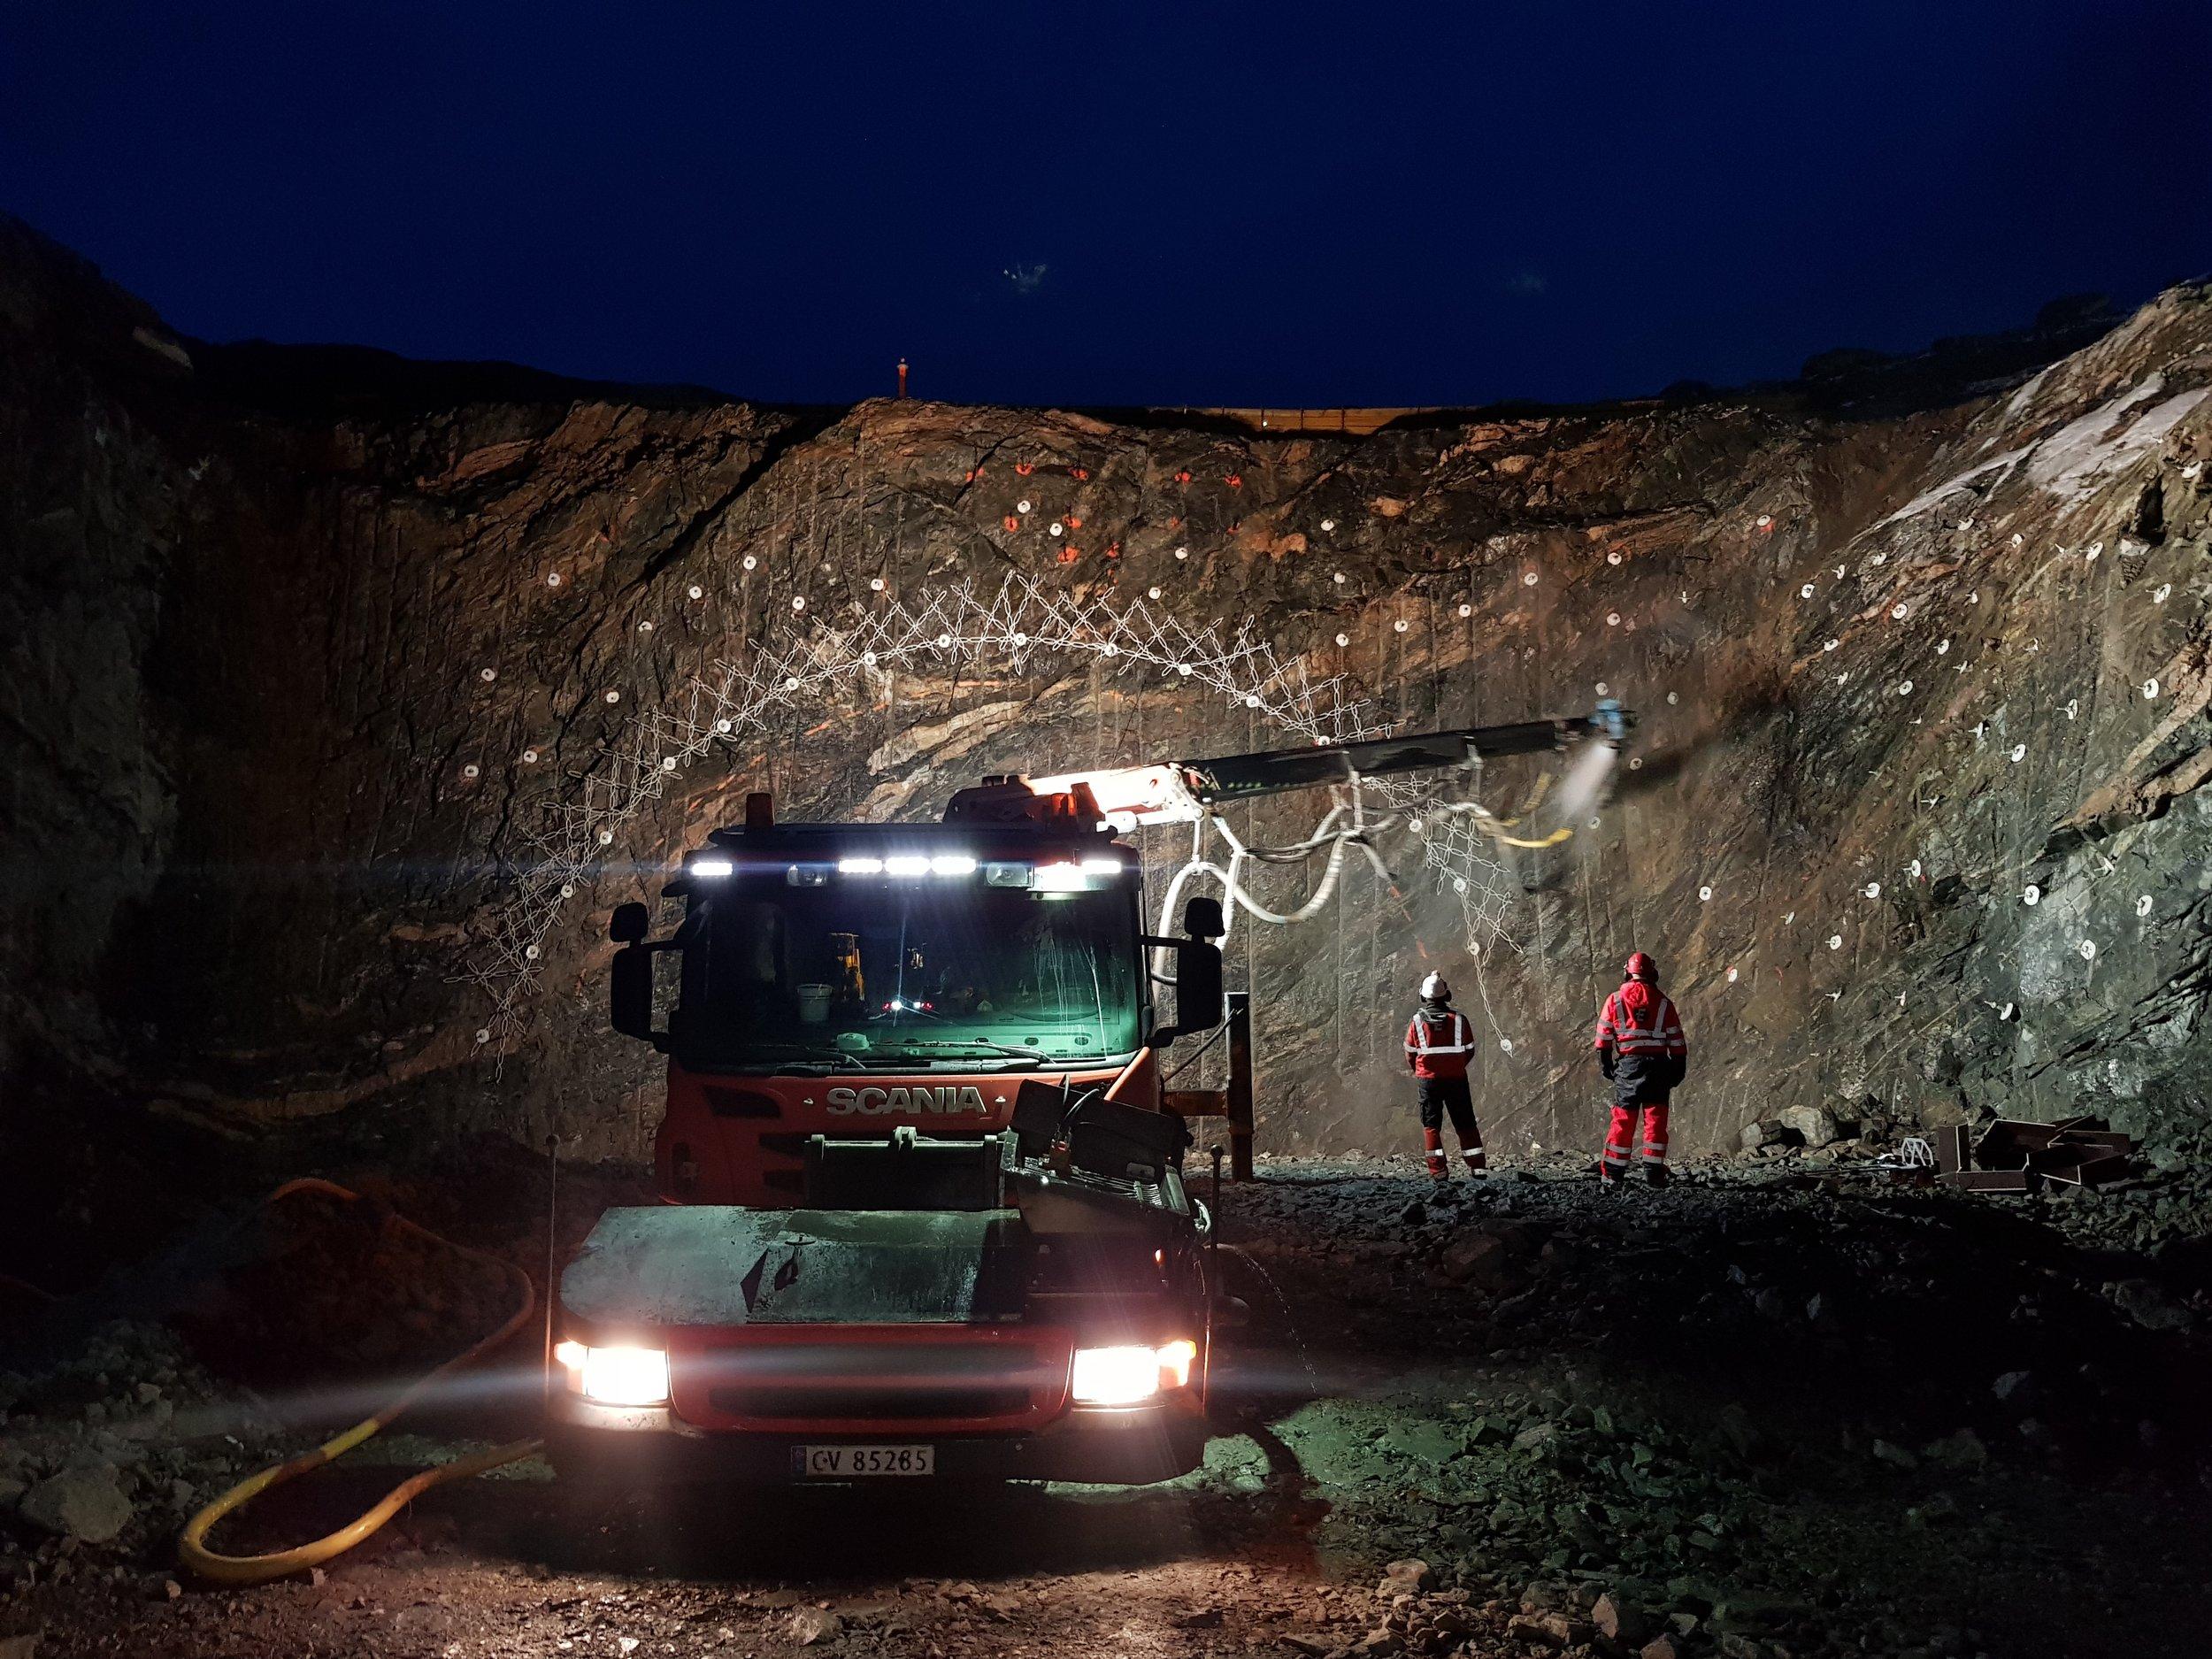 Nordøyvegen består av blant annet 3 undersjøiske tunneler og et miljøtunnel på Fjørtofta.